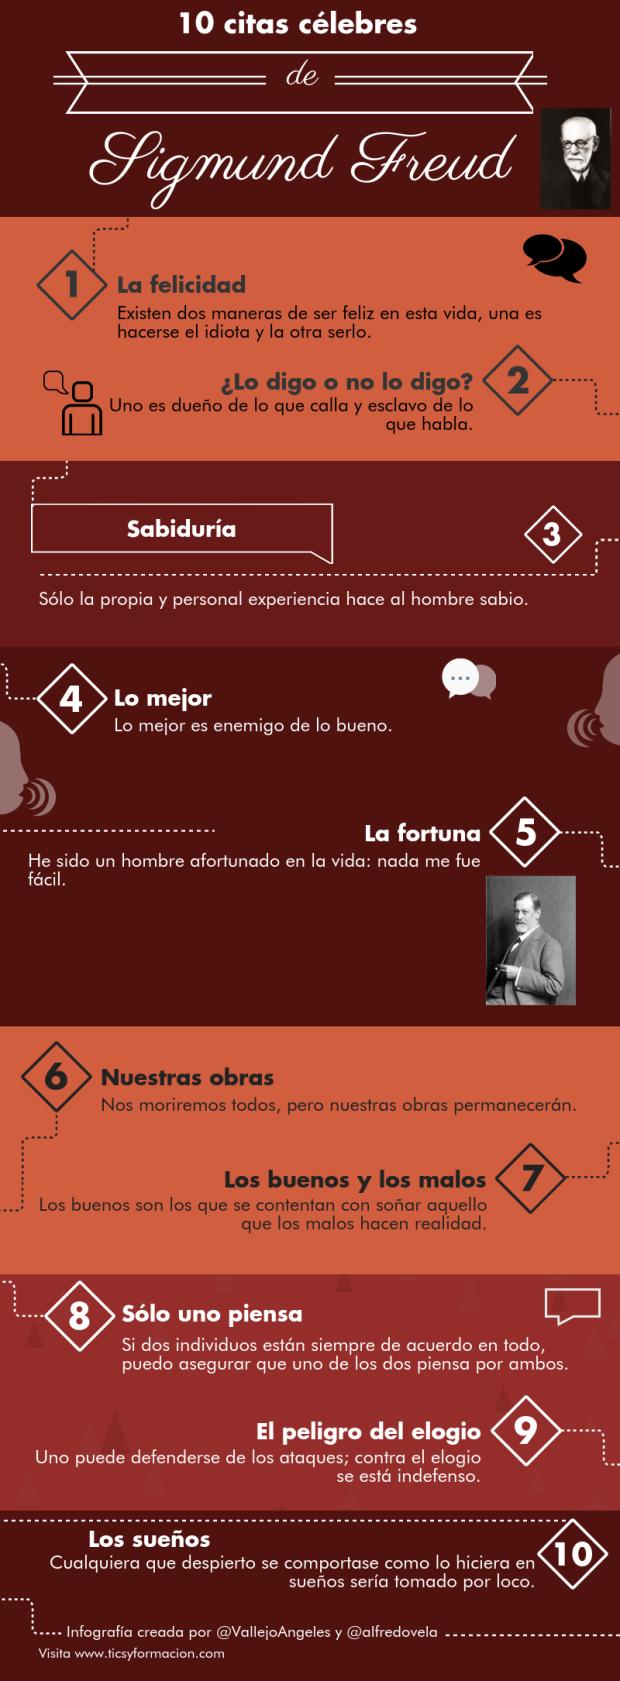 10 citas célebres de Sigmund Freud